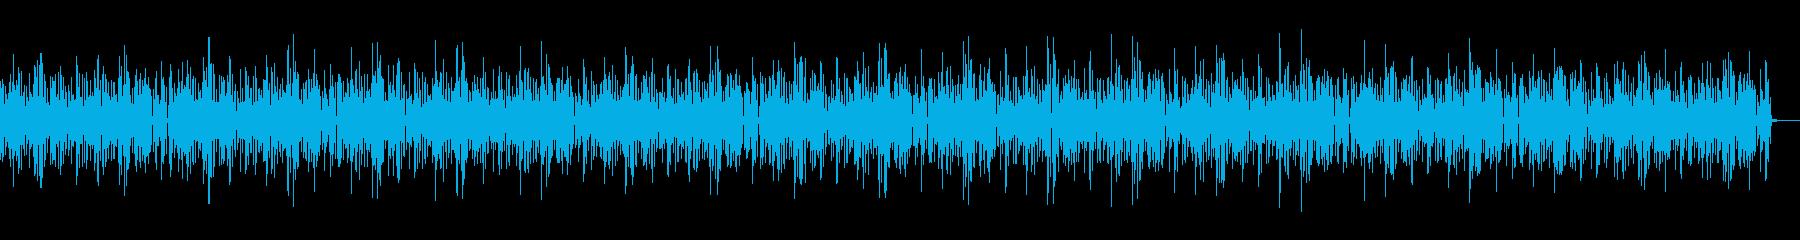 おもちゃのピアノがほのぼのかわいい曲の再生済みの波形